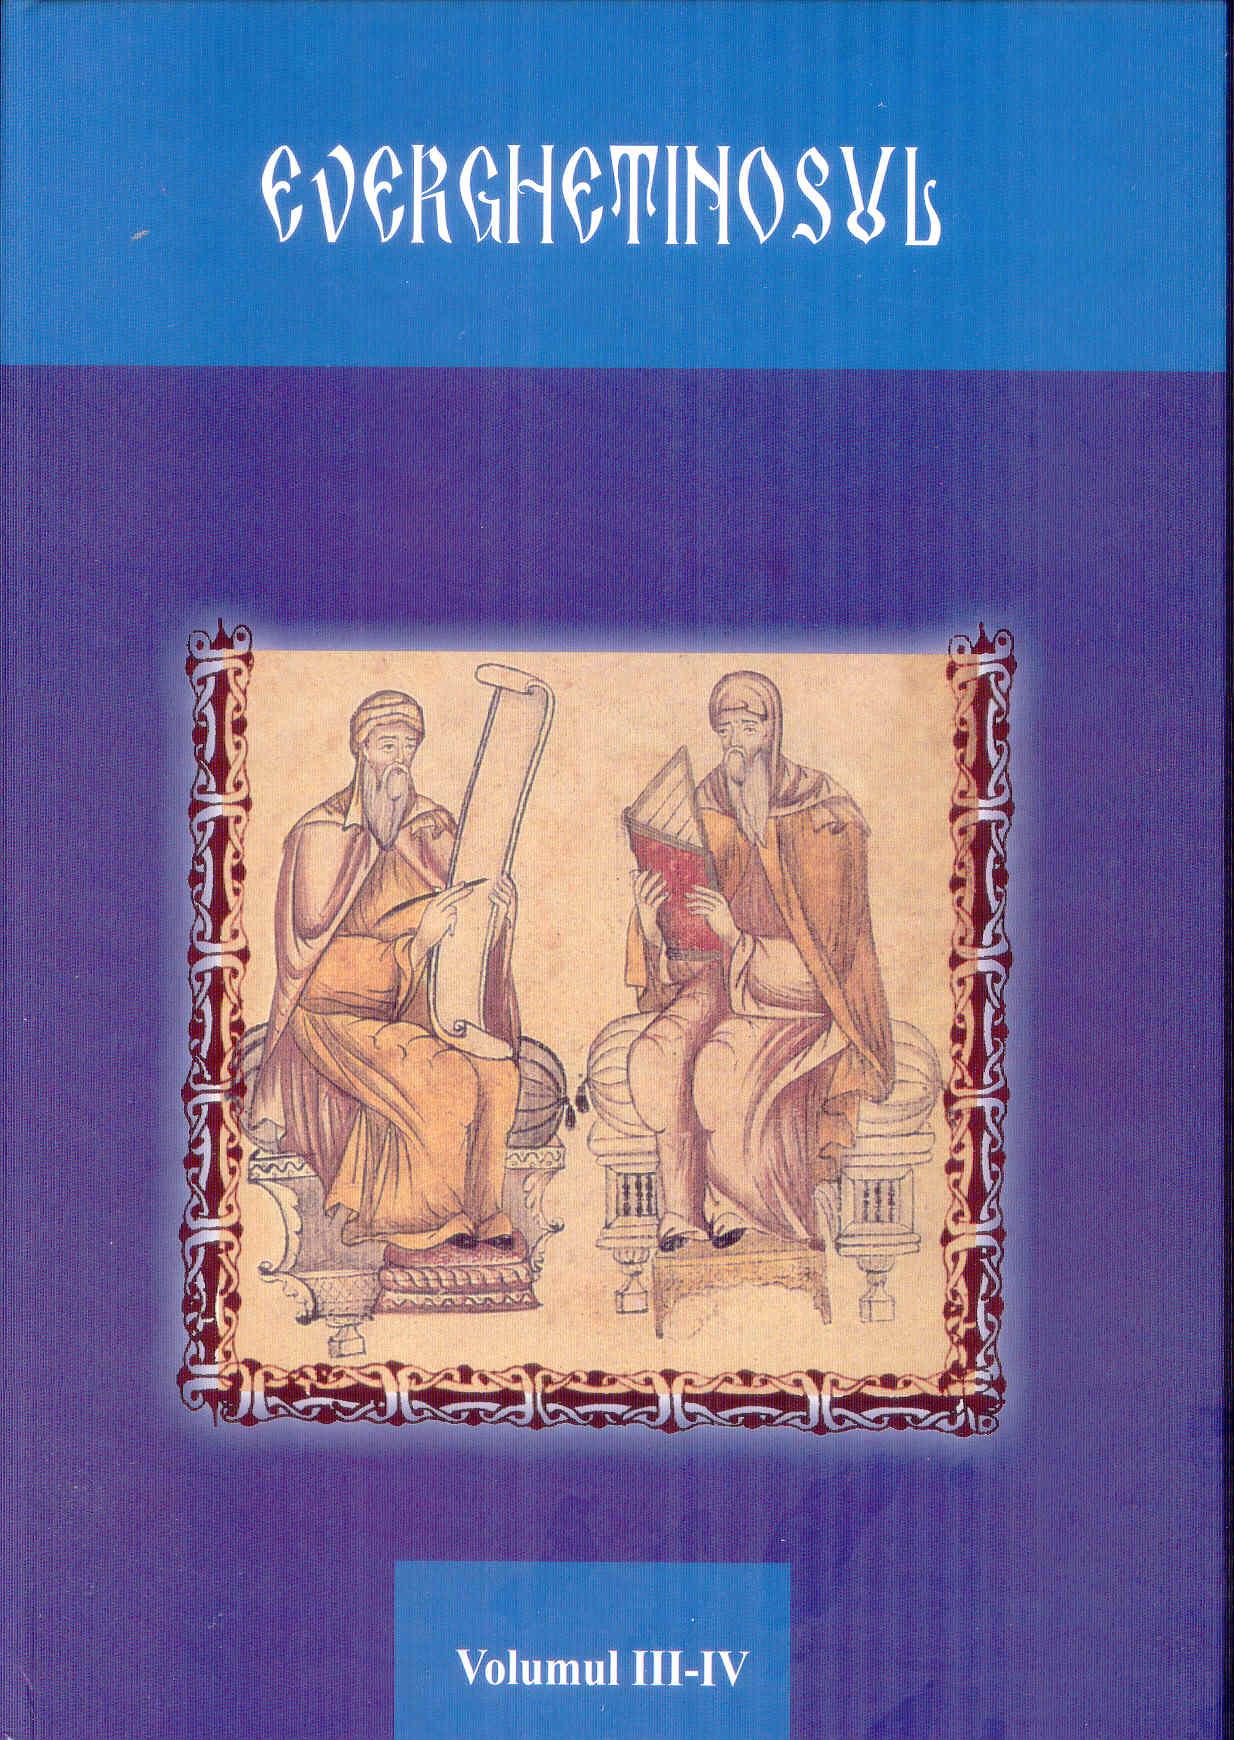 Everghetinosul vol. III-IV